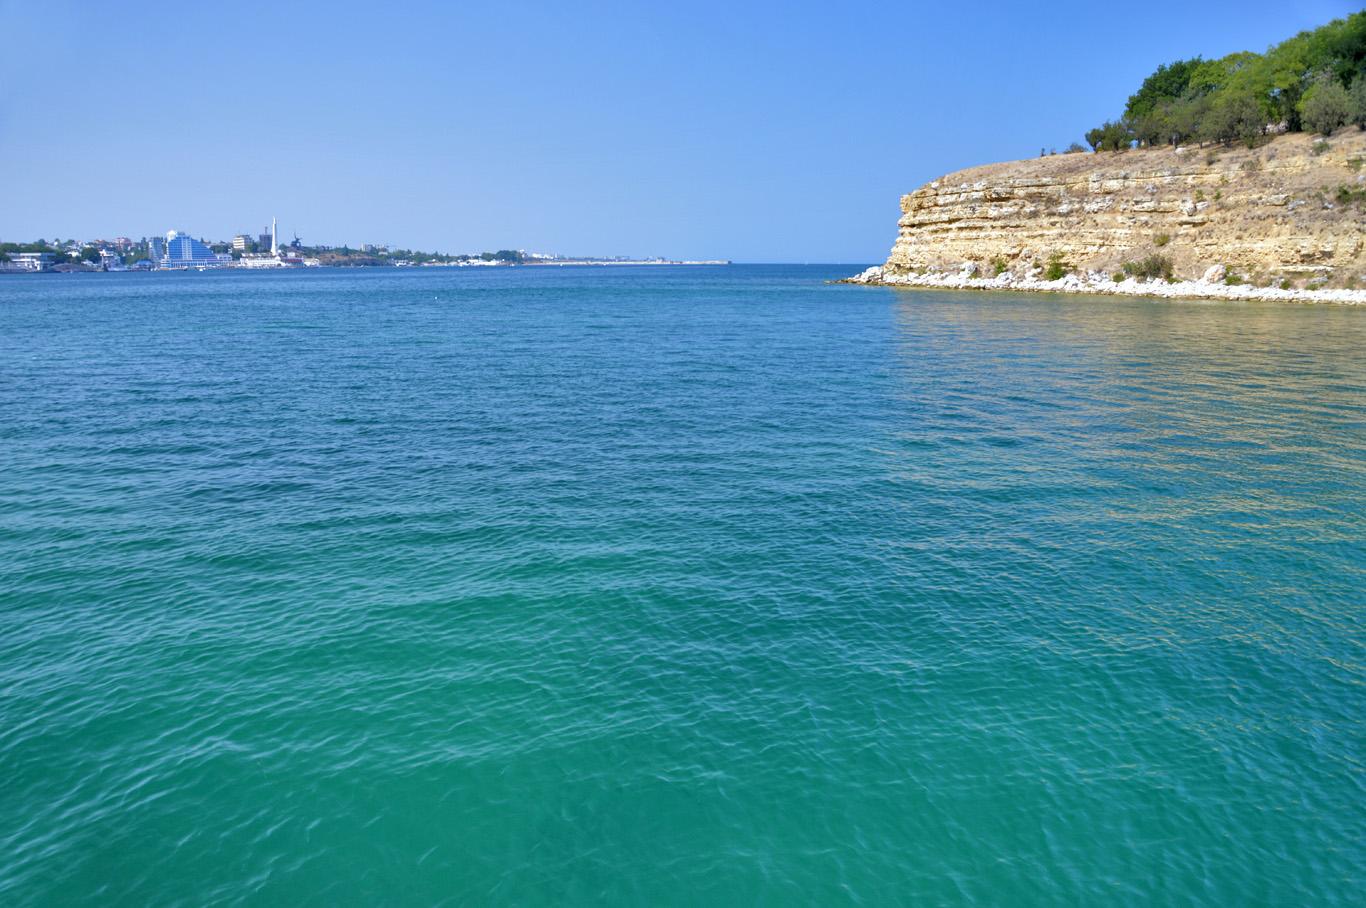 Blue waters of the Black Sea in Sevastopol